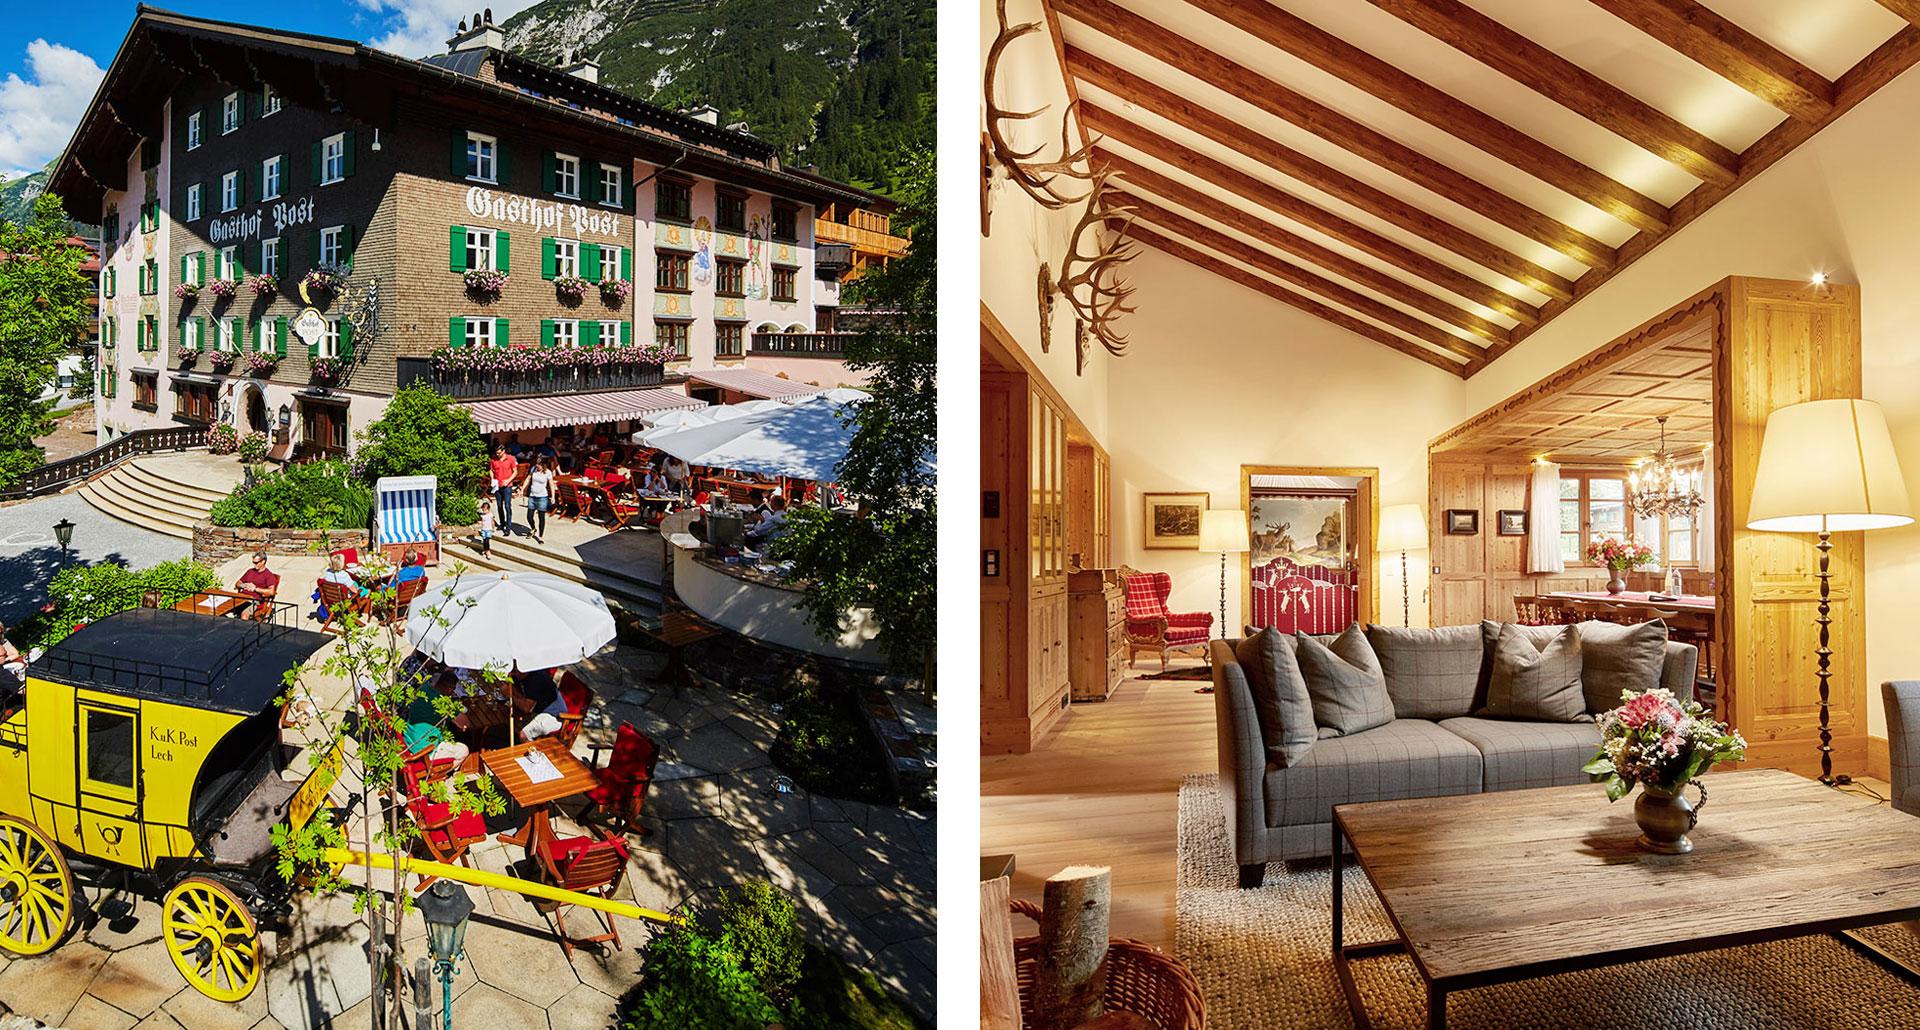 Post Lech Arlberg - boutique hotel in Lech am Arlberg